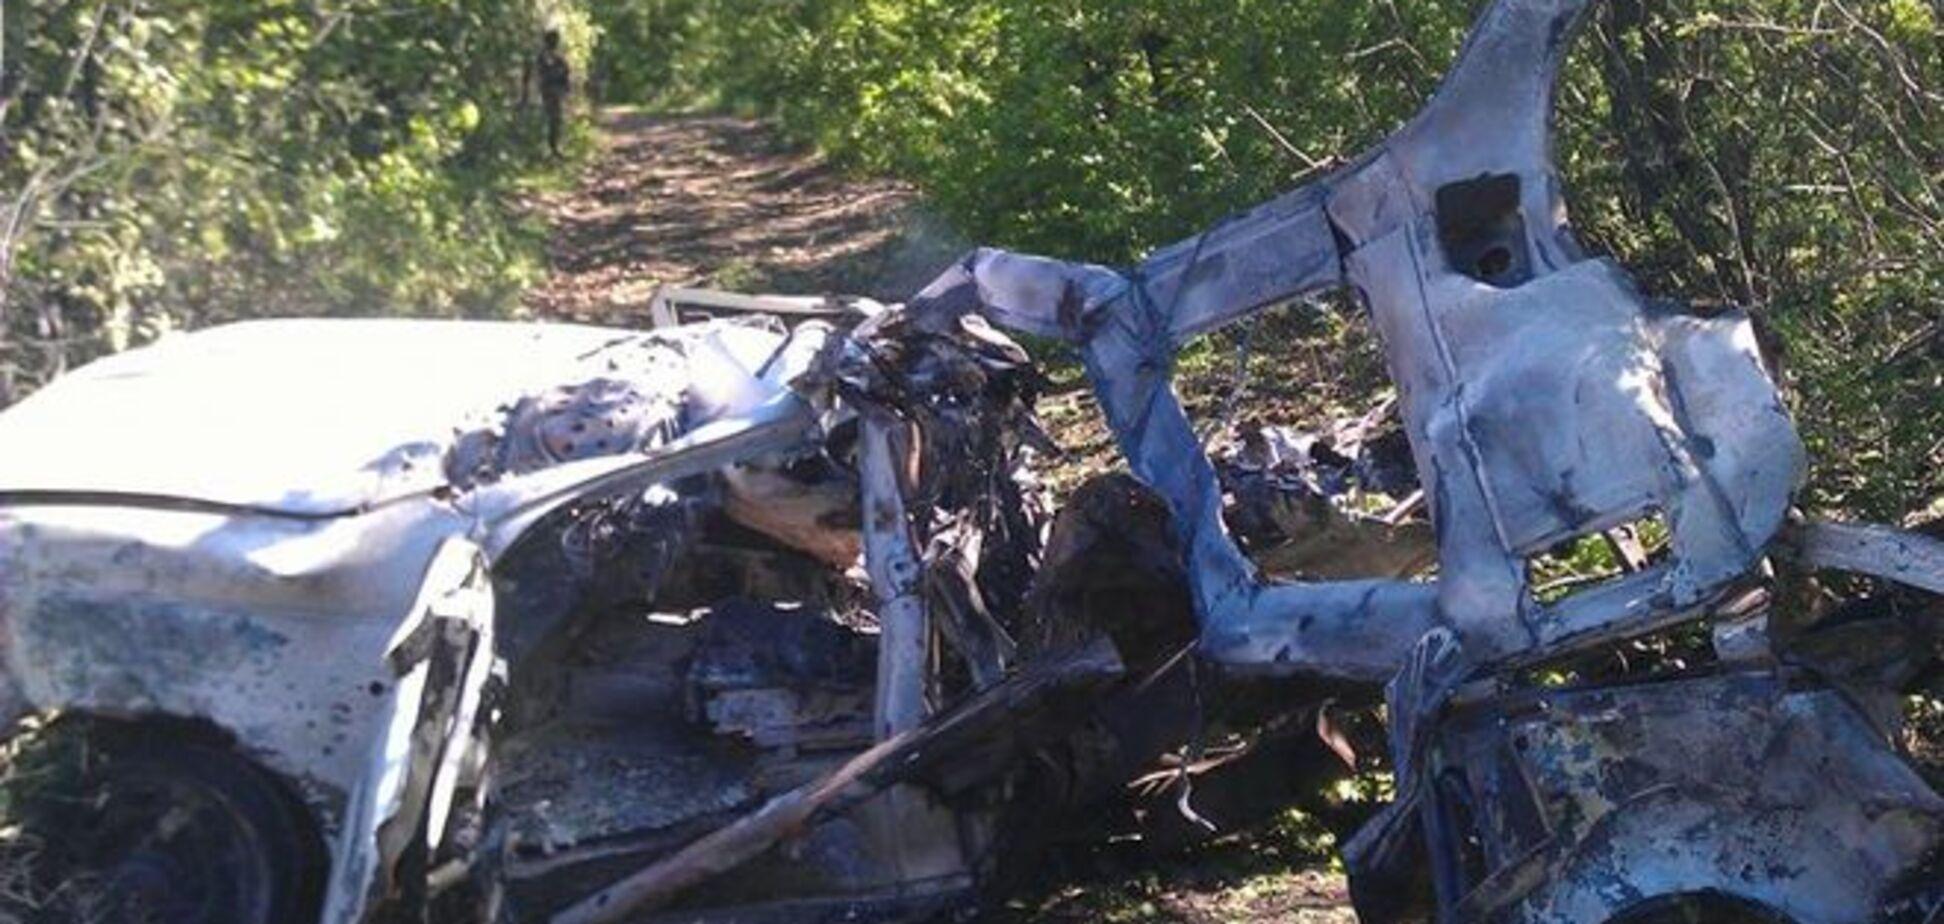 'Патриот' сил АТО подорвался на Донбассе: крышу отбросило на 70 м